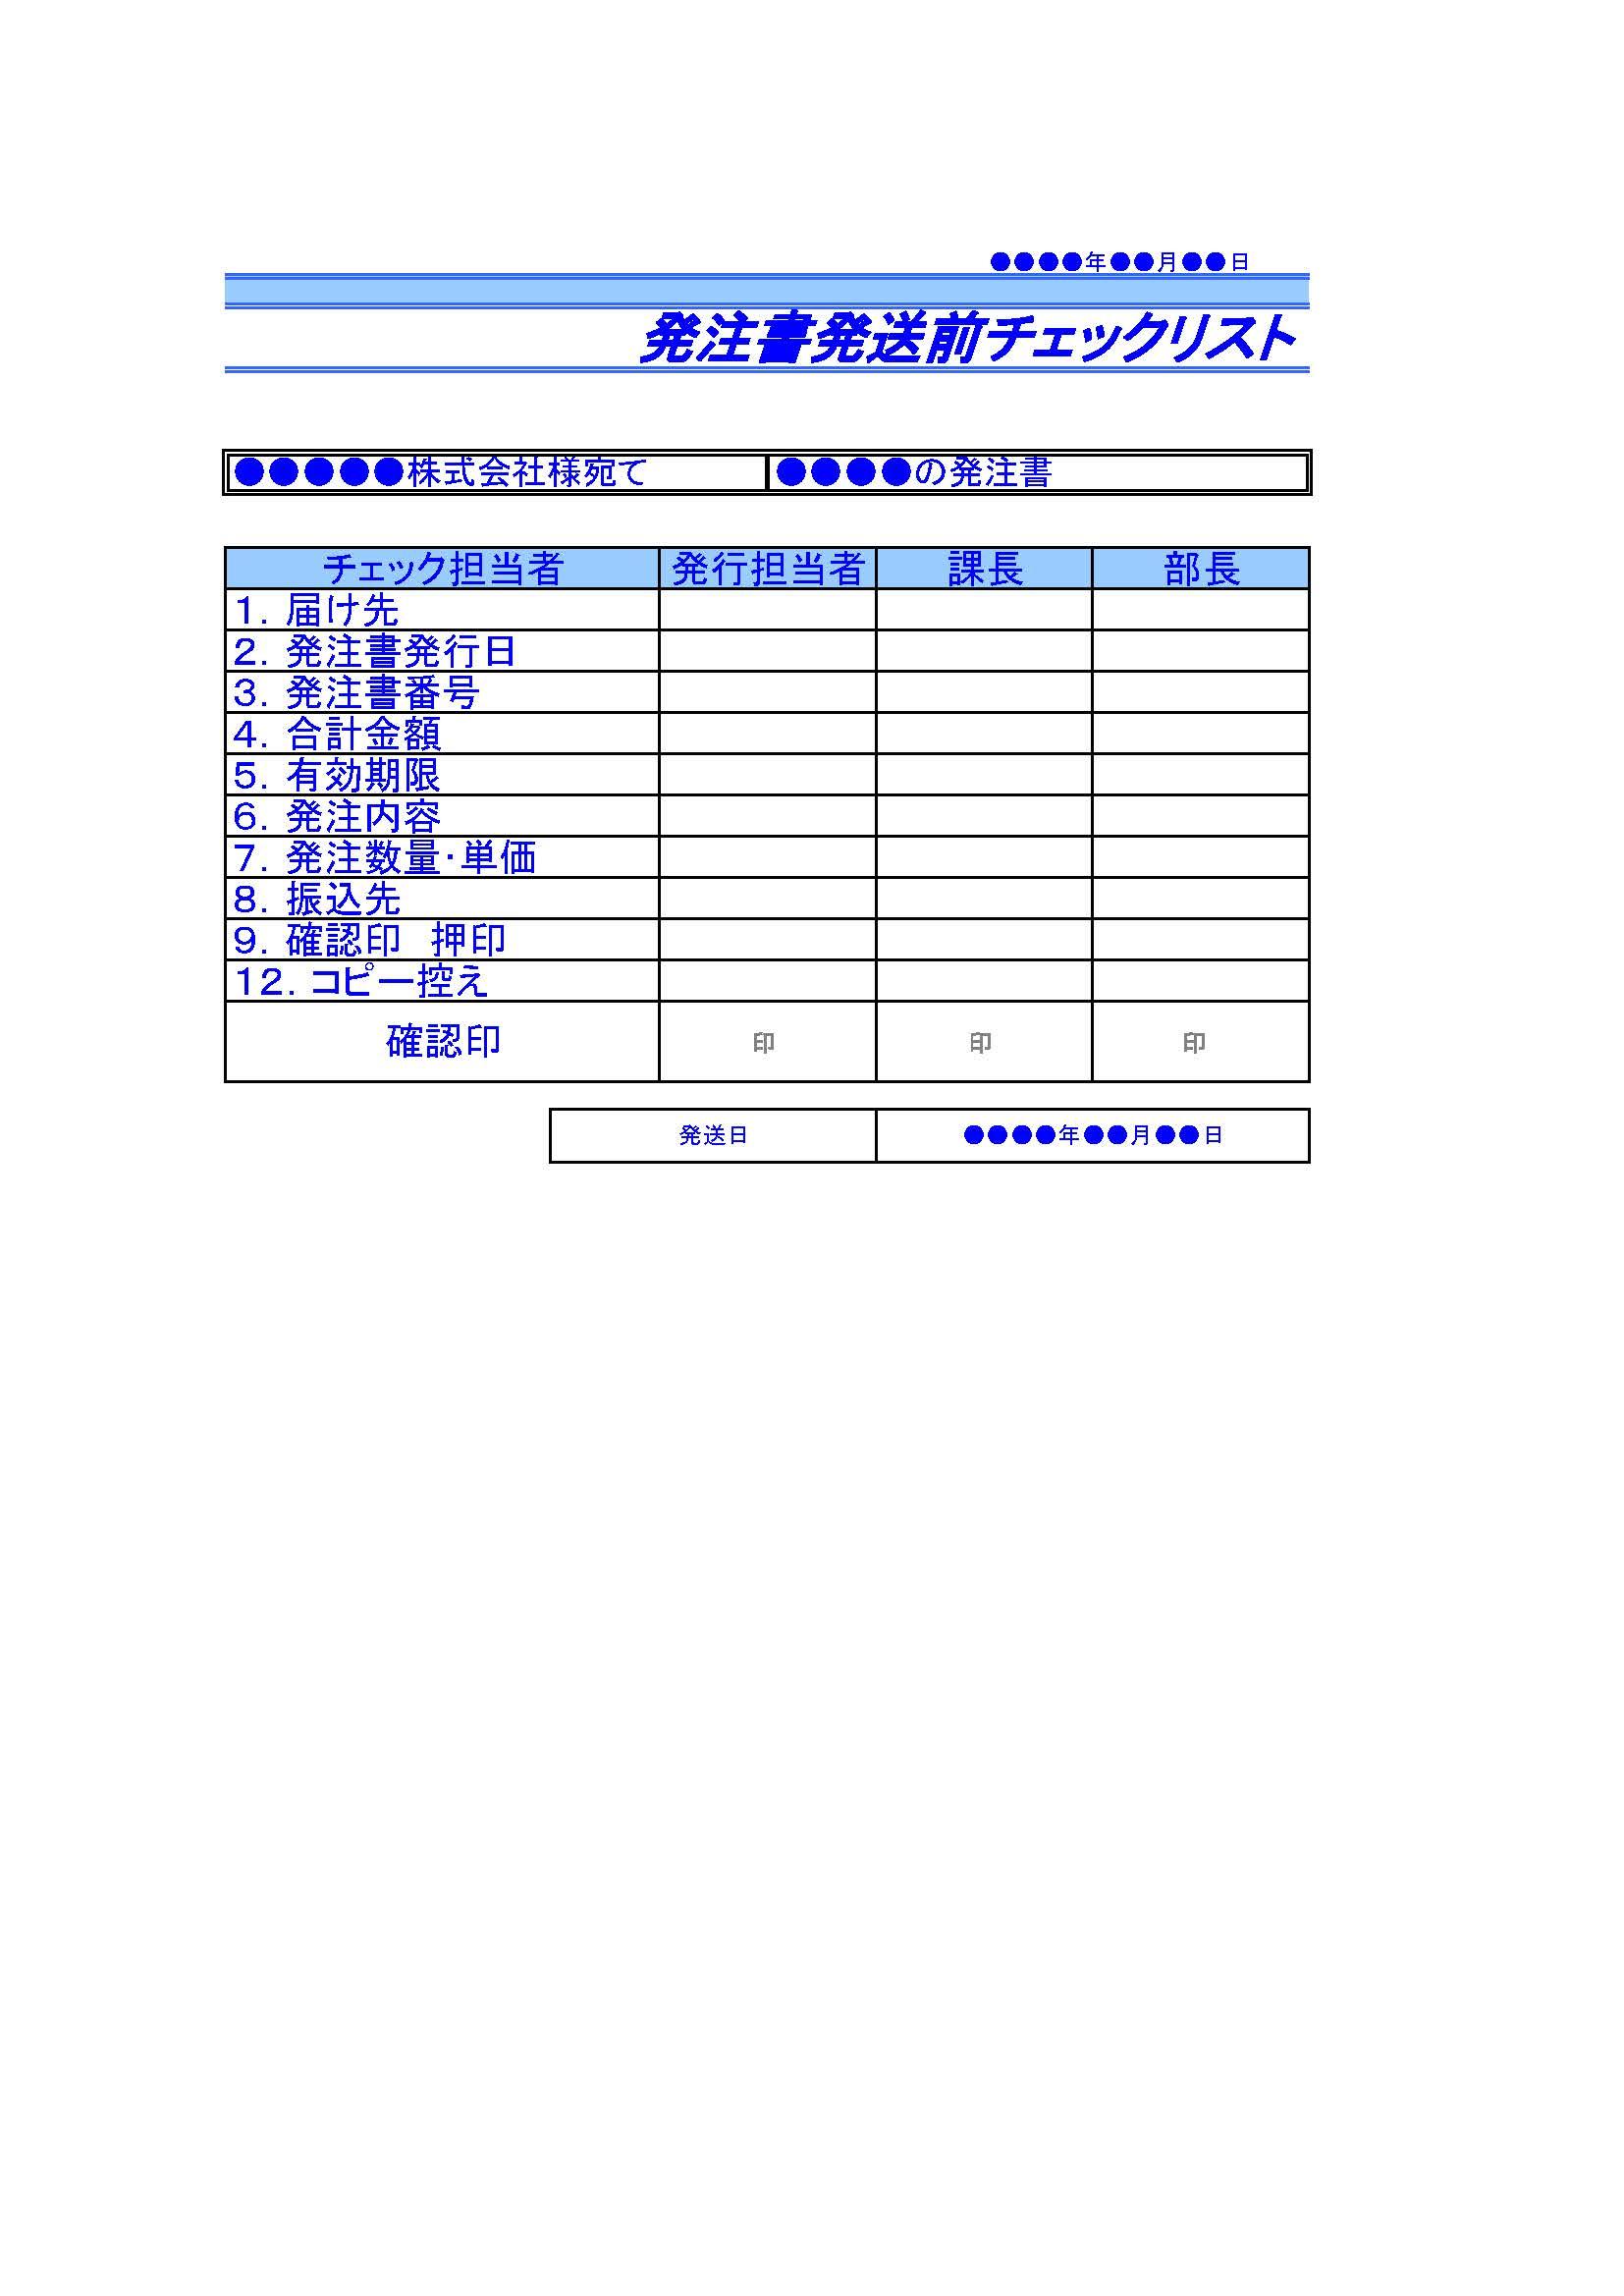 発注書発送前チェックリスト02